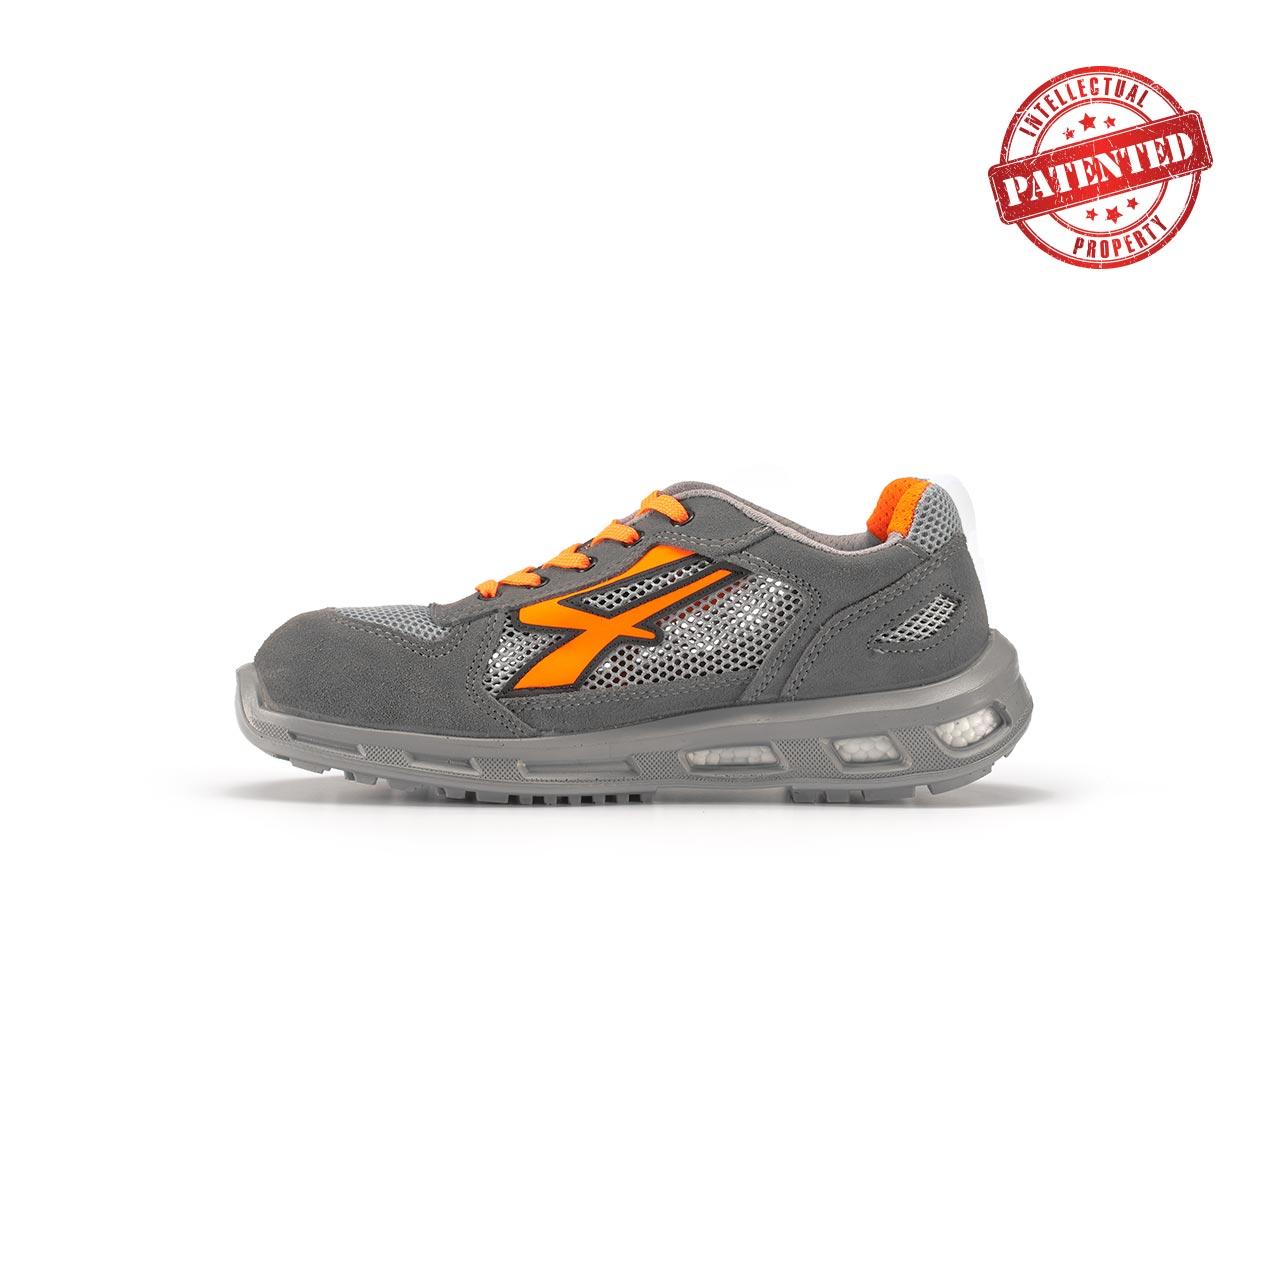 calzatura da lavoro upower modello ultra linea redlion vista lato sinistra